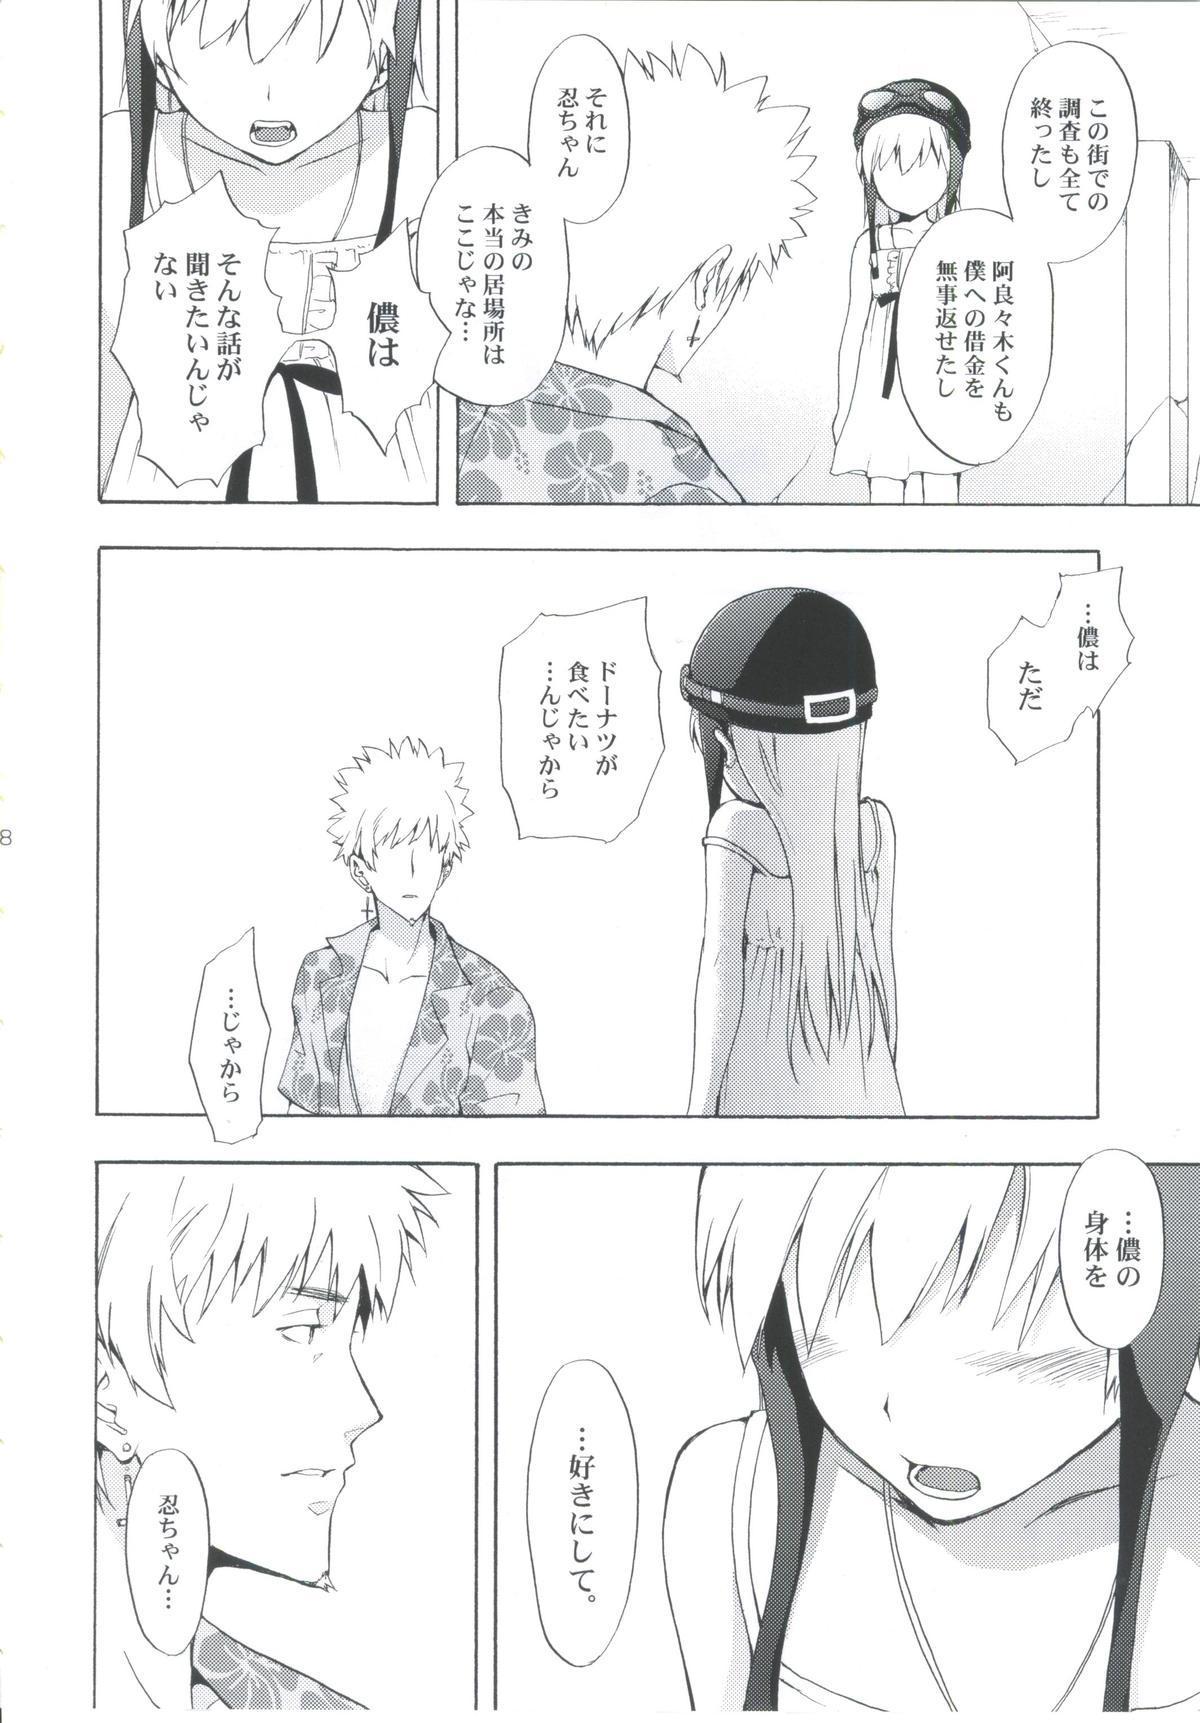 (SC48) [Aa Aishiteru (Taishow)] Oshino-san-chi no Shinobu-chan. Sono 3 (Bakemonogatari) 6